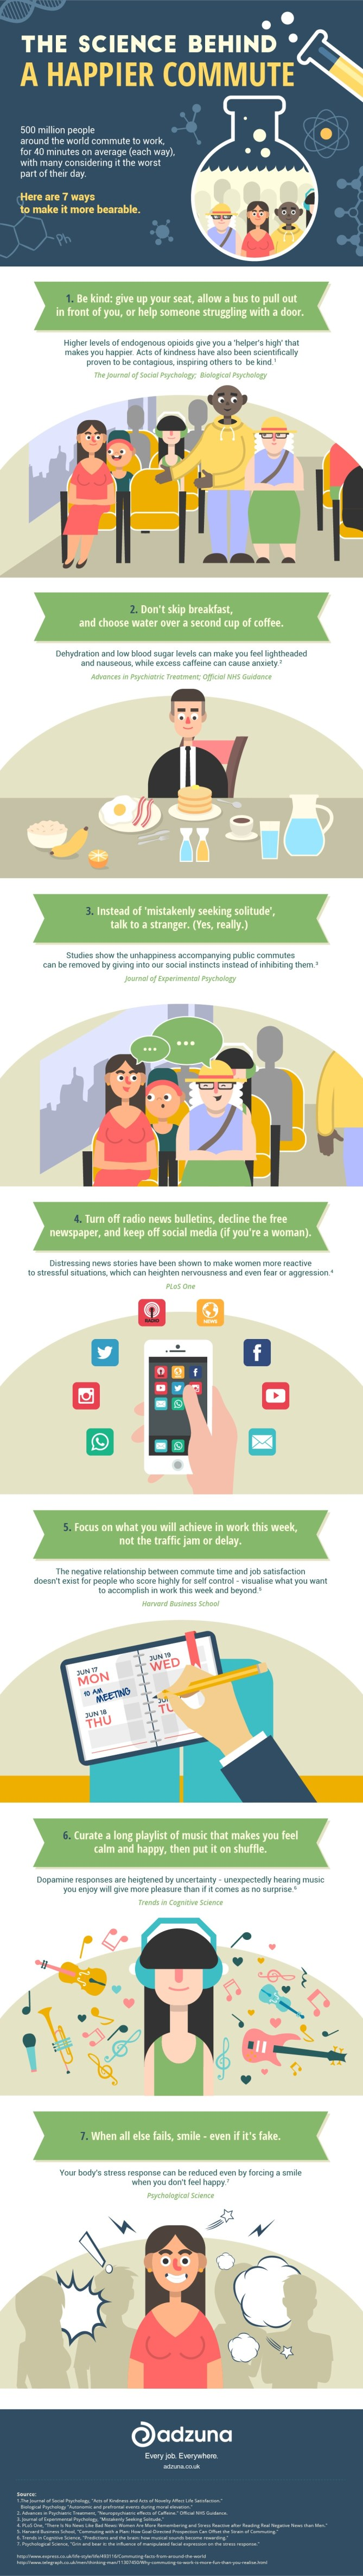 Happier Commute.jpg